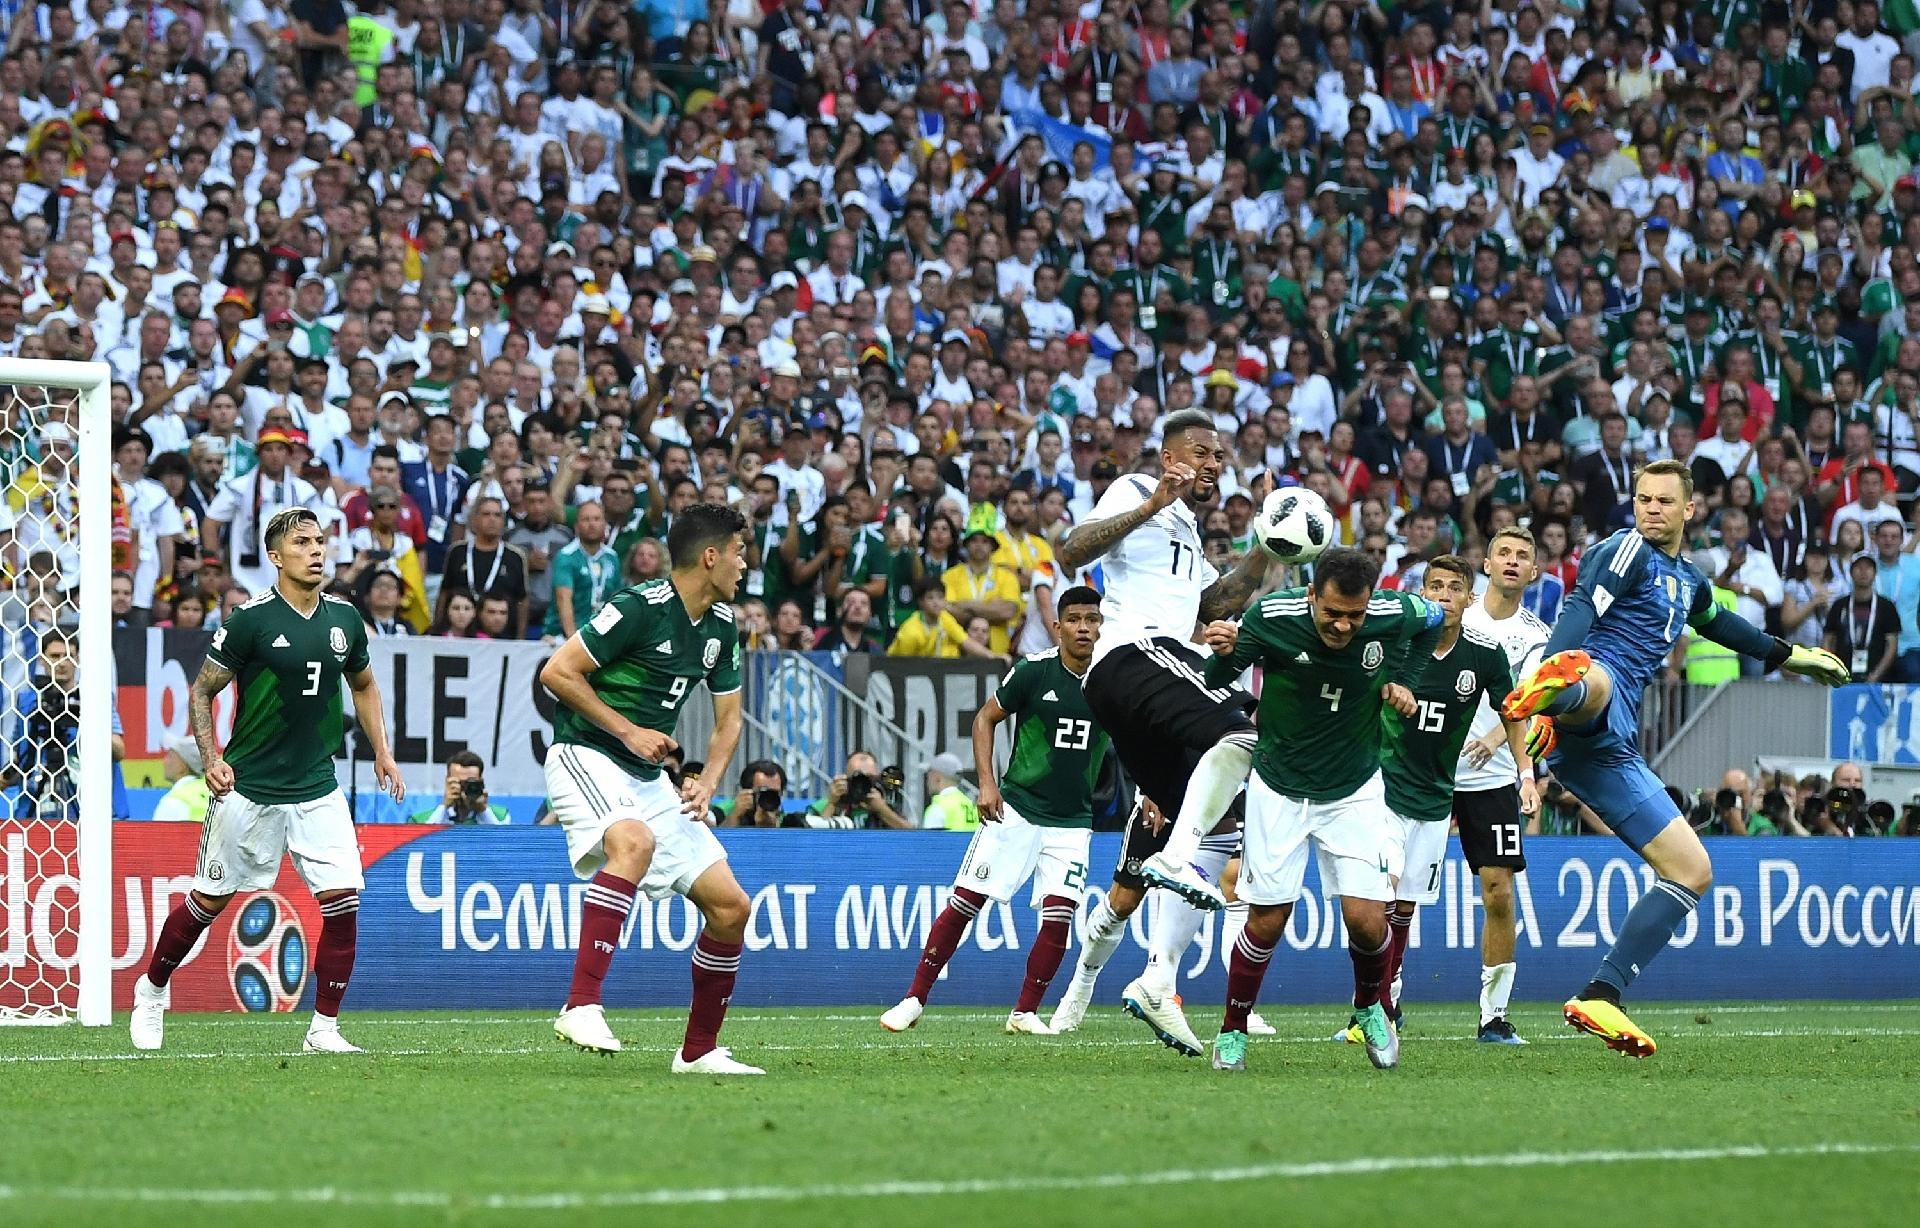 México na Copa 2018  México surpreendente na primeira fase da Copa do Mundo  é regra 38d26bb9dde0a